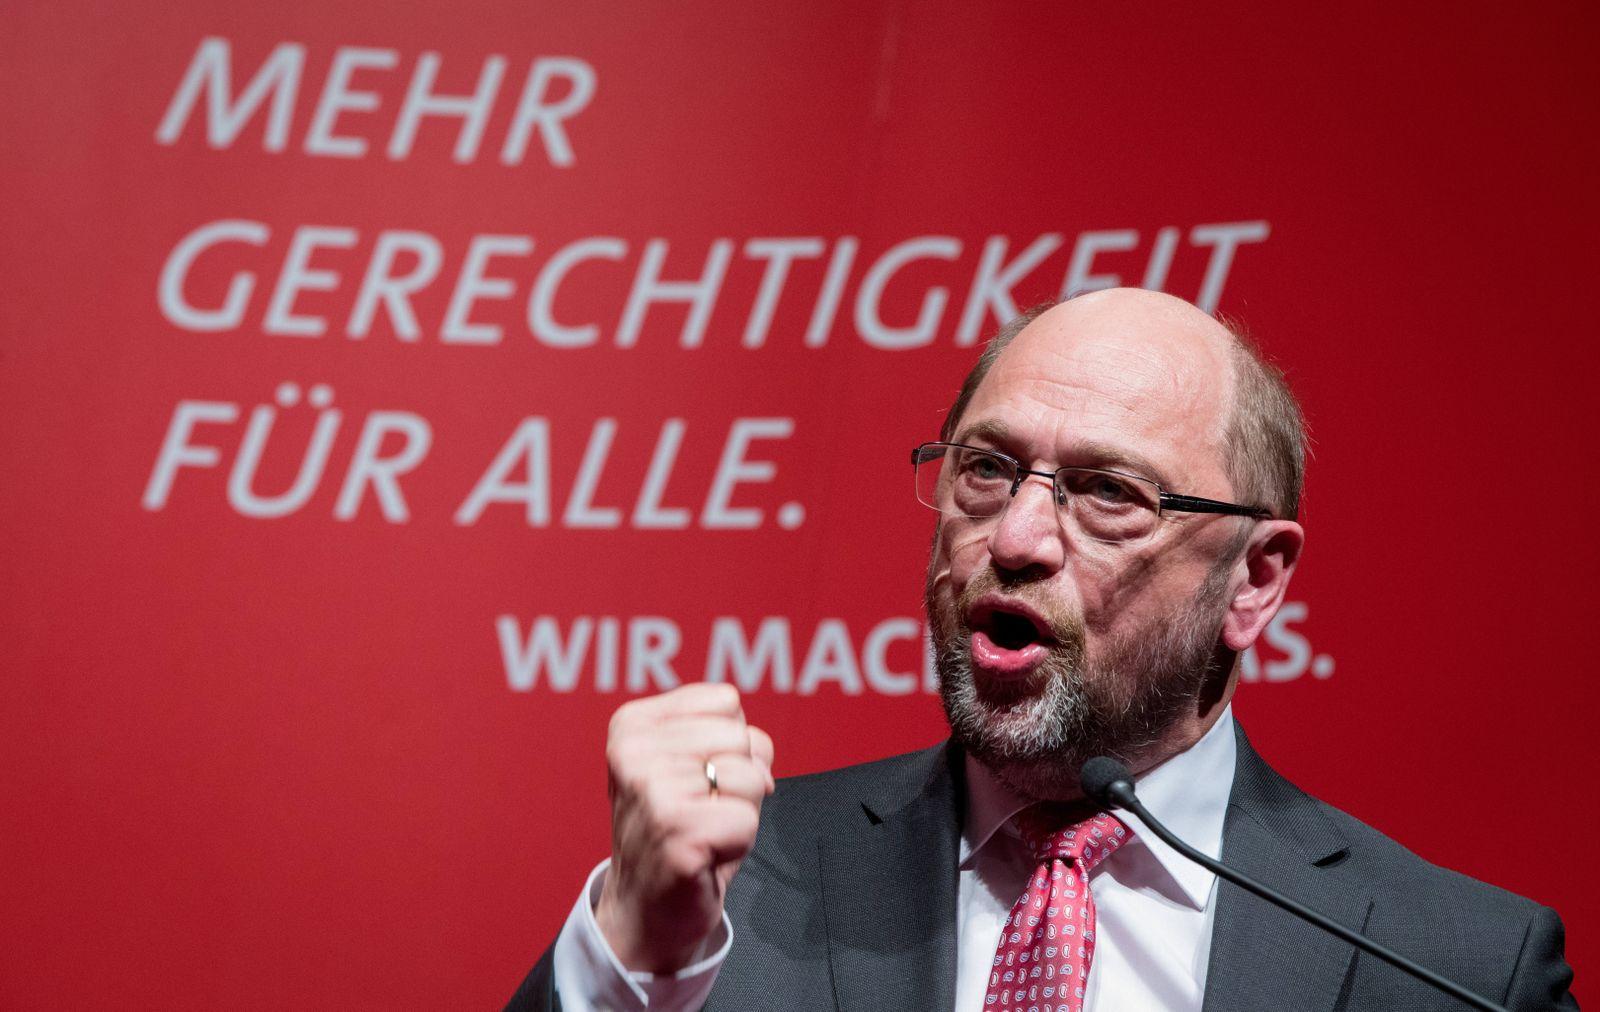 Martin Schulz / Gerechtigkeit